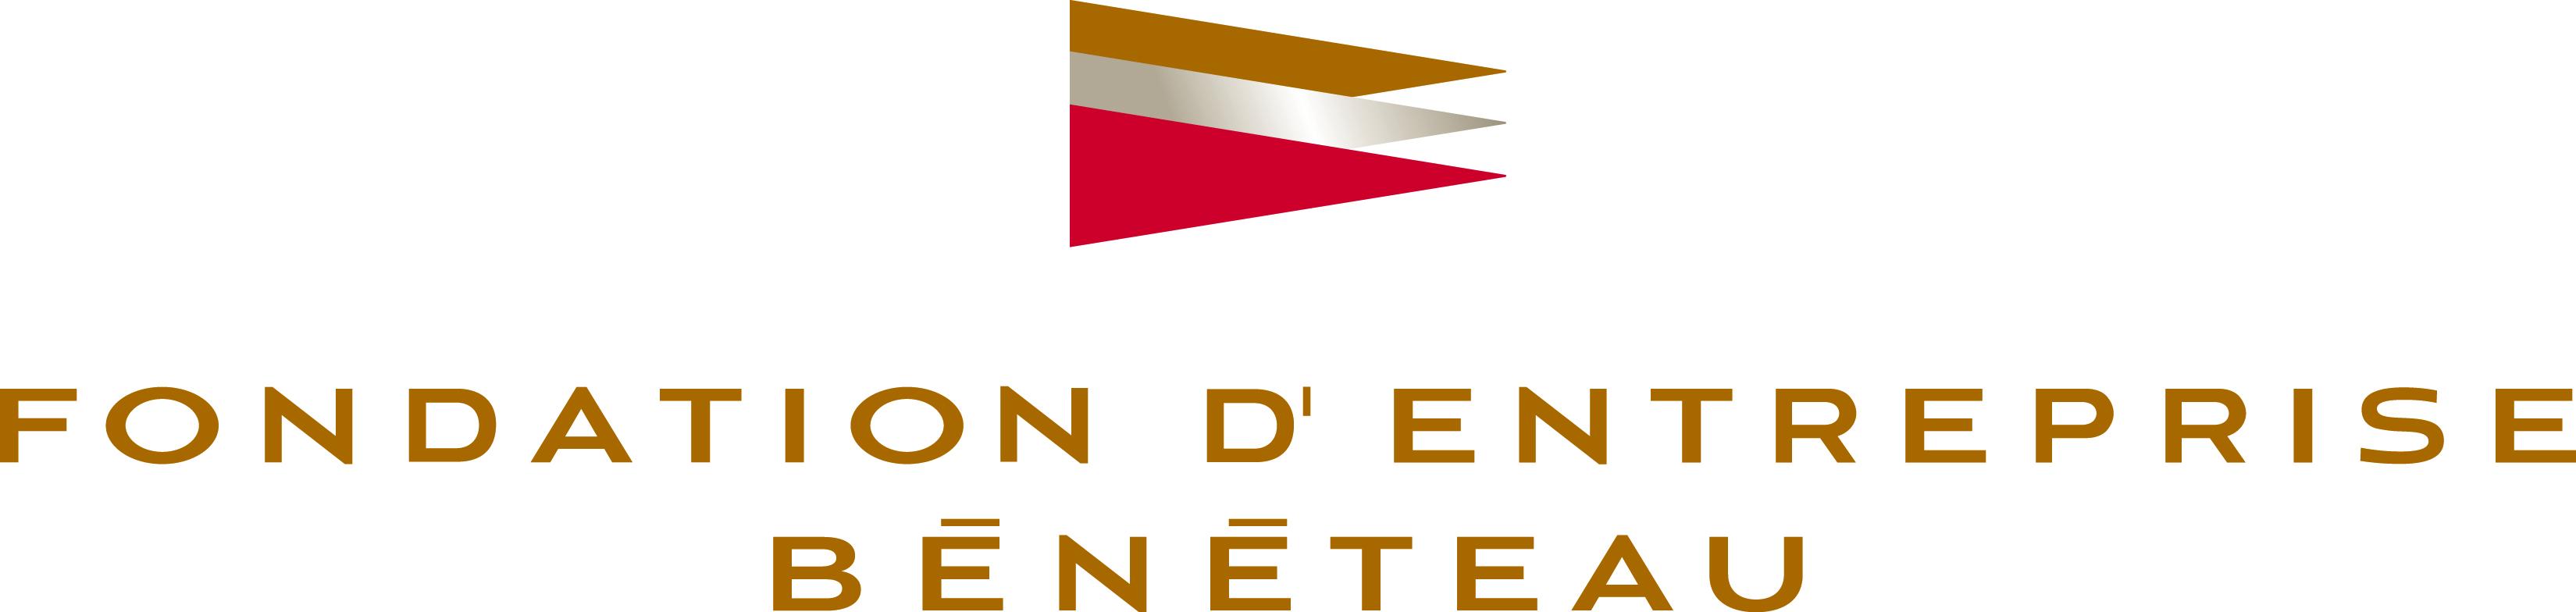 La Fondation d'entreprise Bénéteau